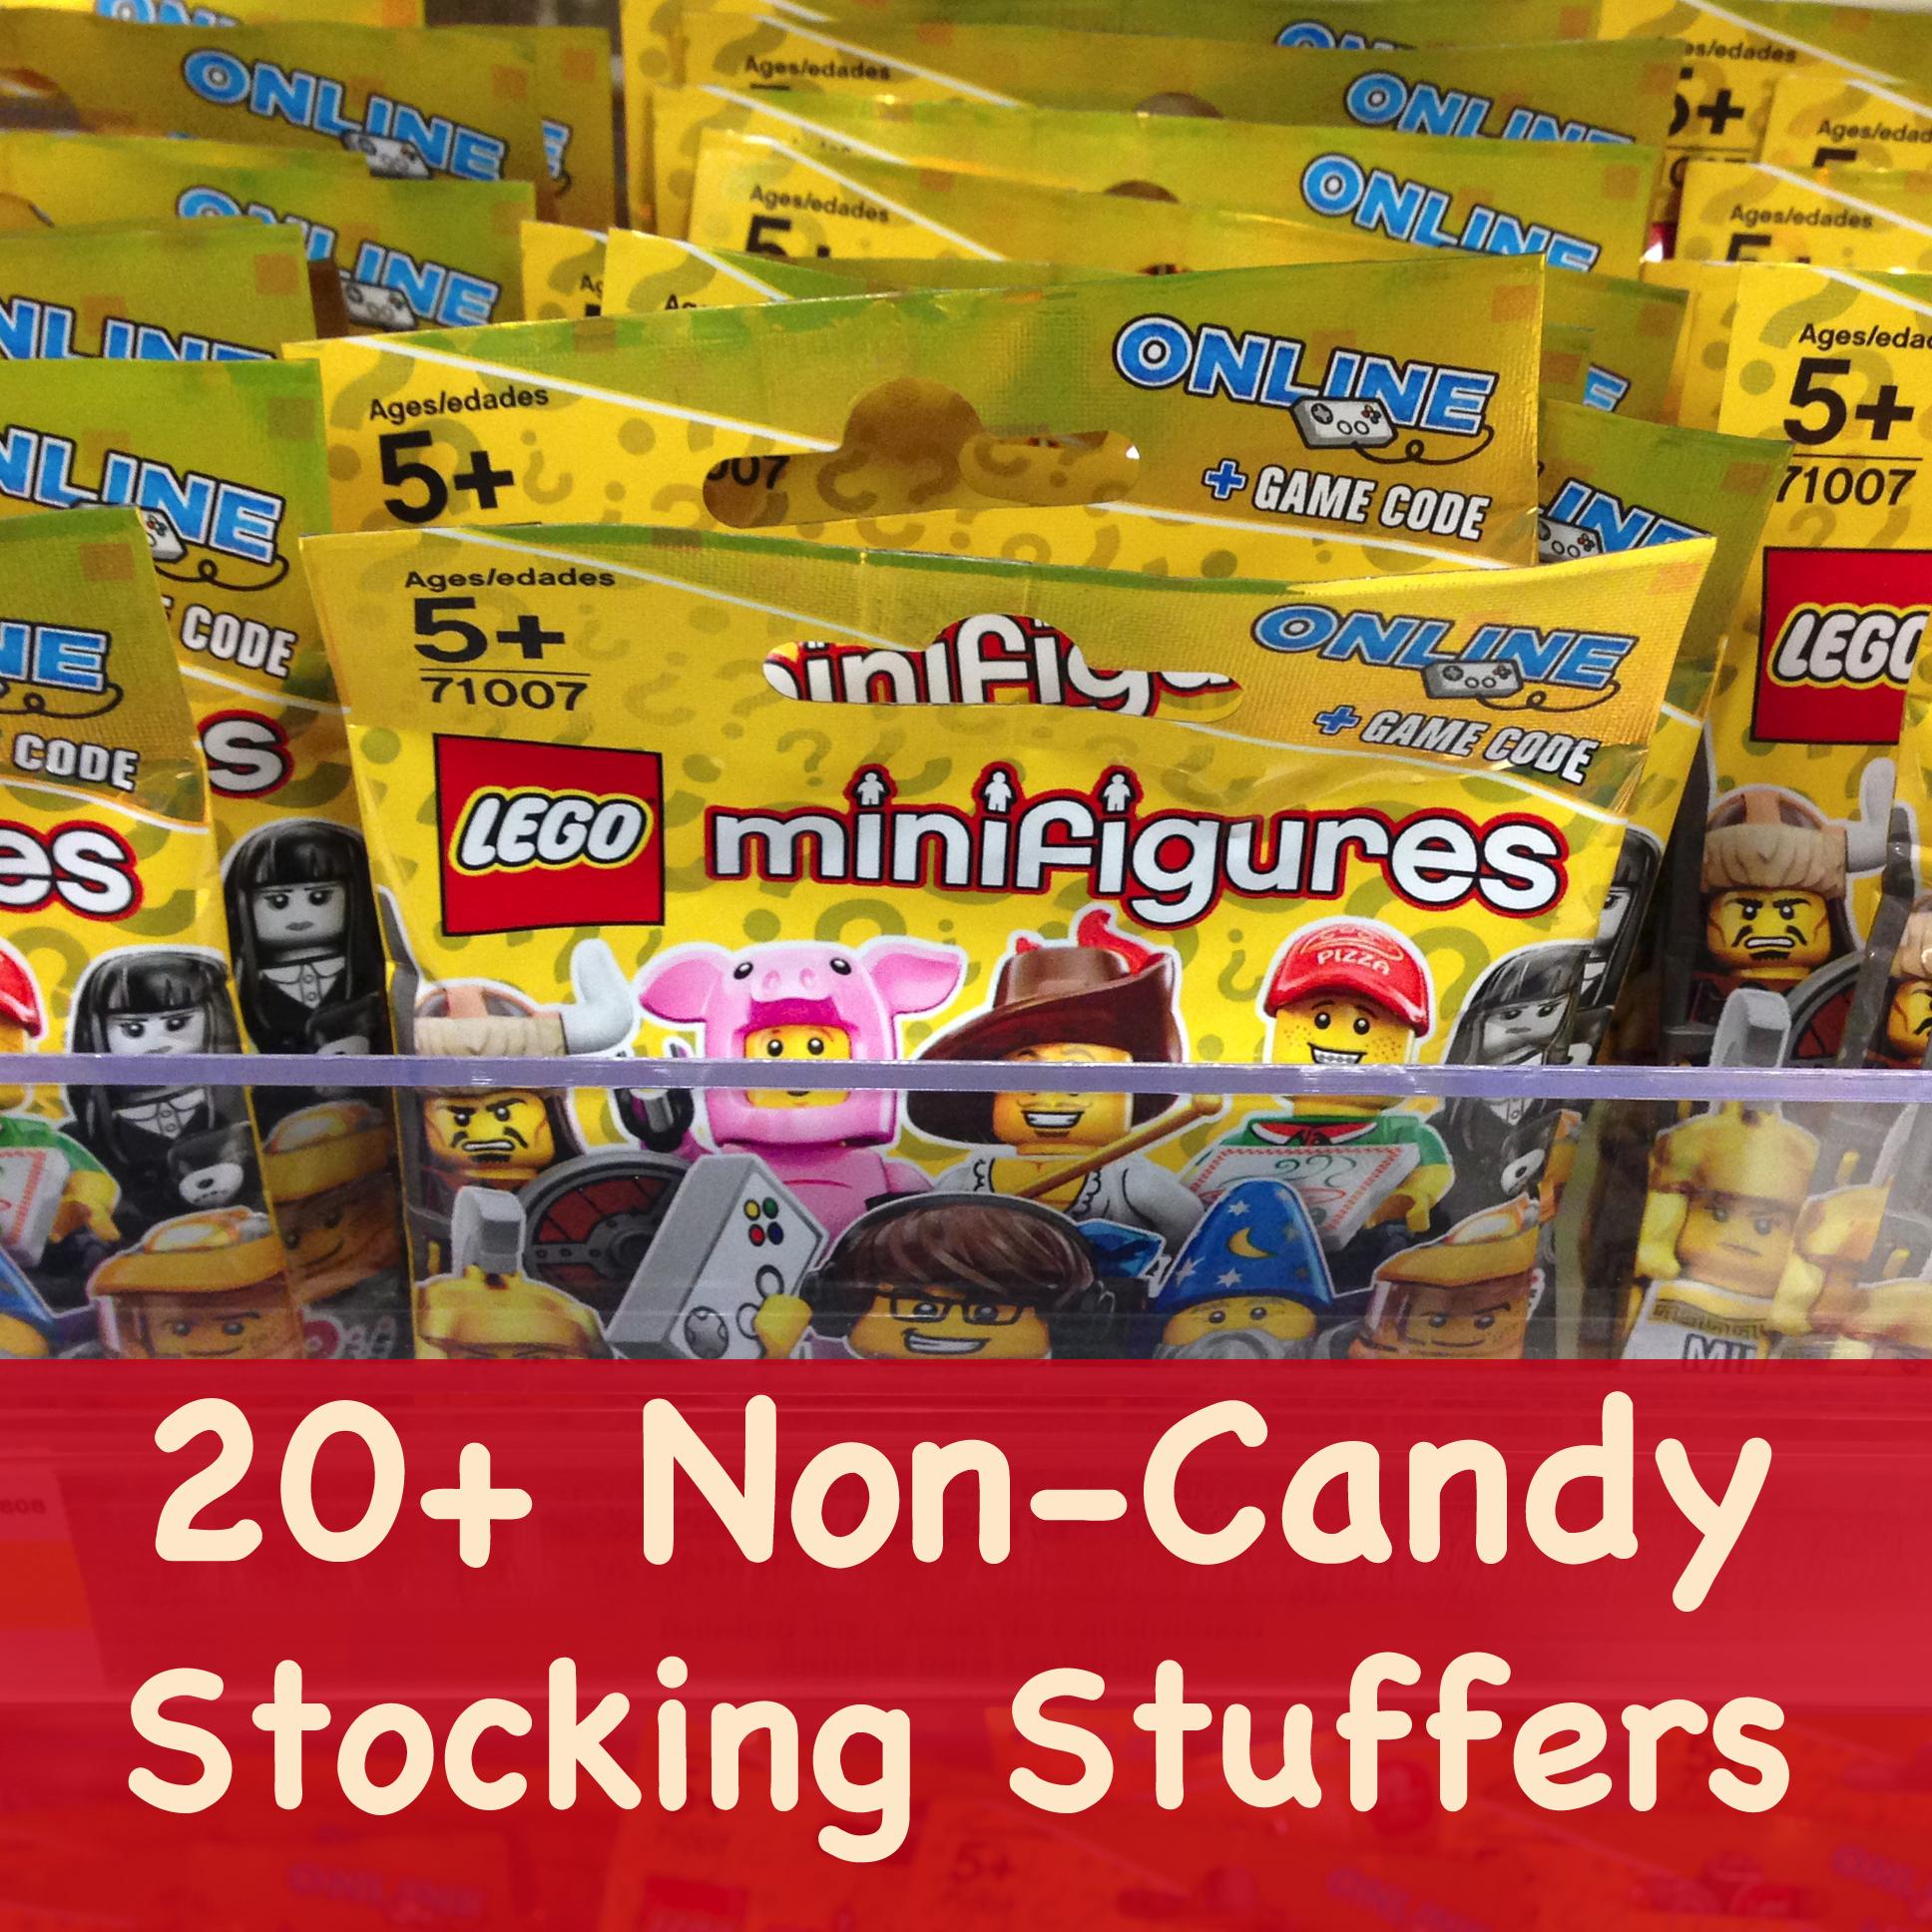 30+ NonCandy Stocking Stuffer Ideas Stocking stuffers